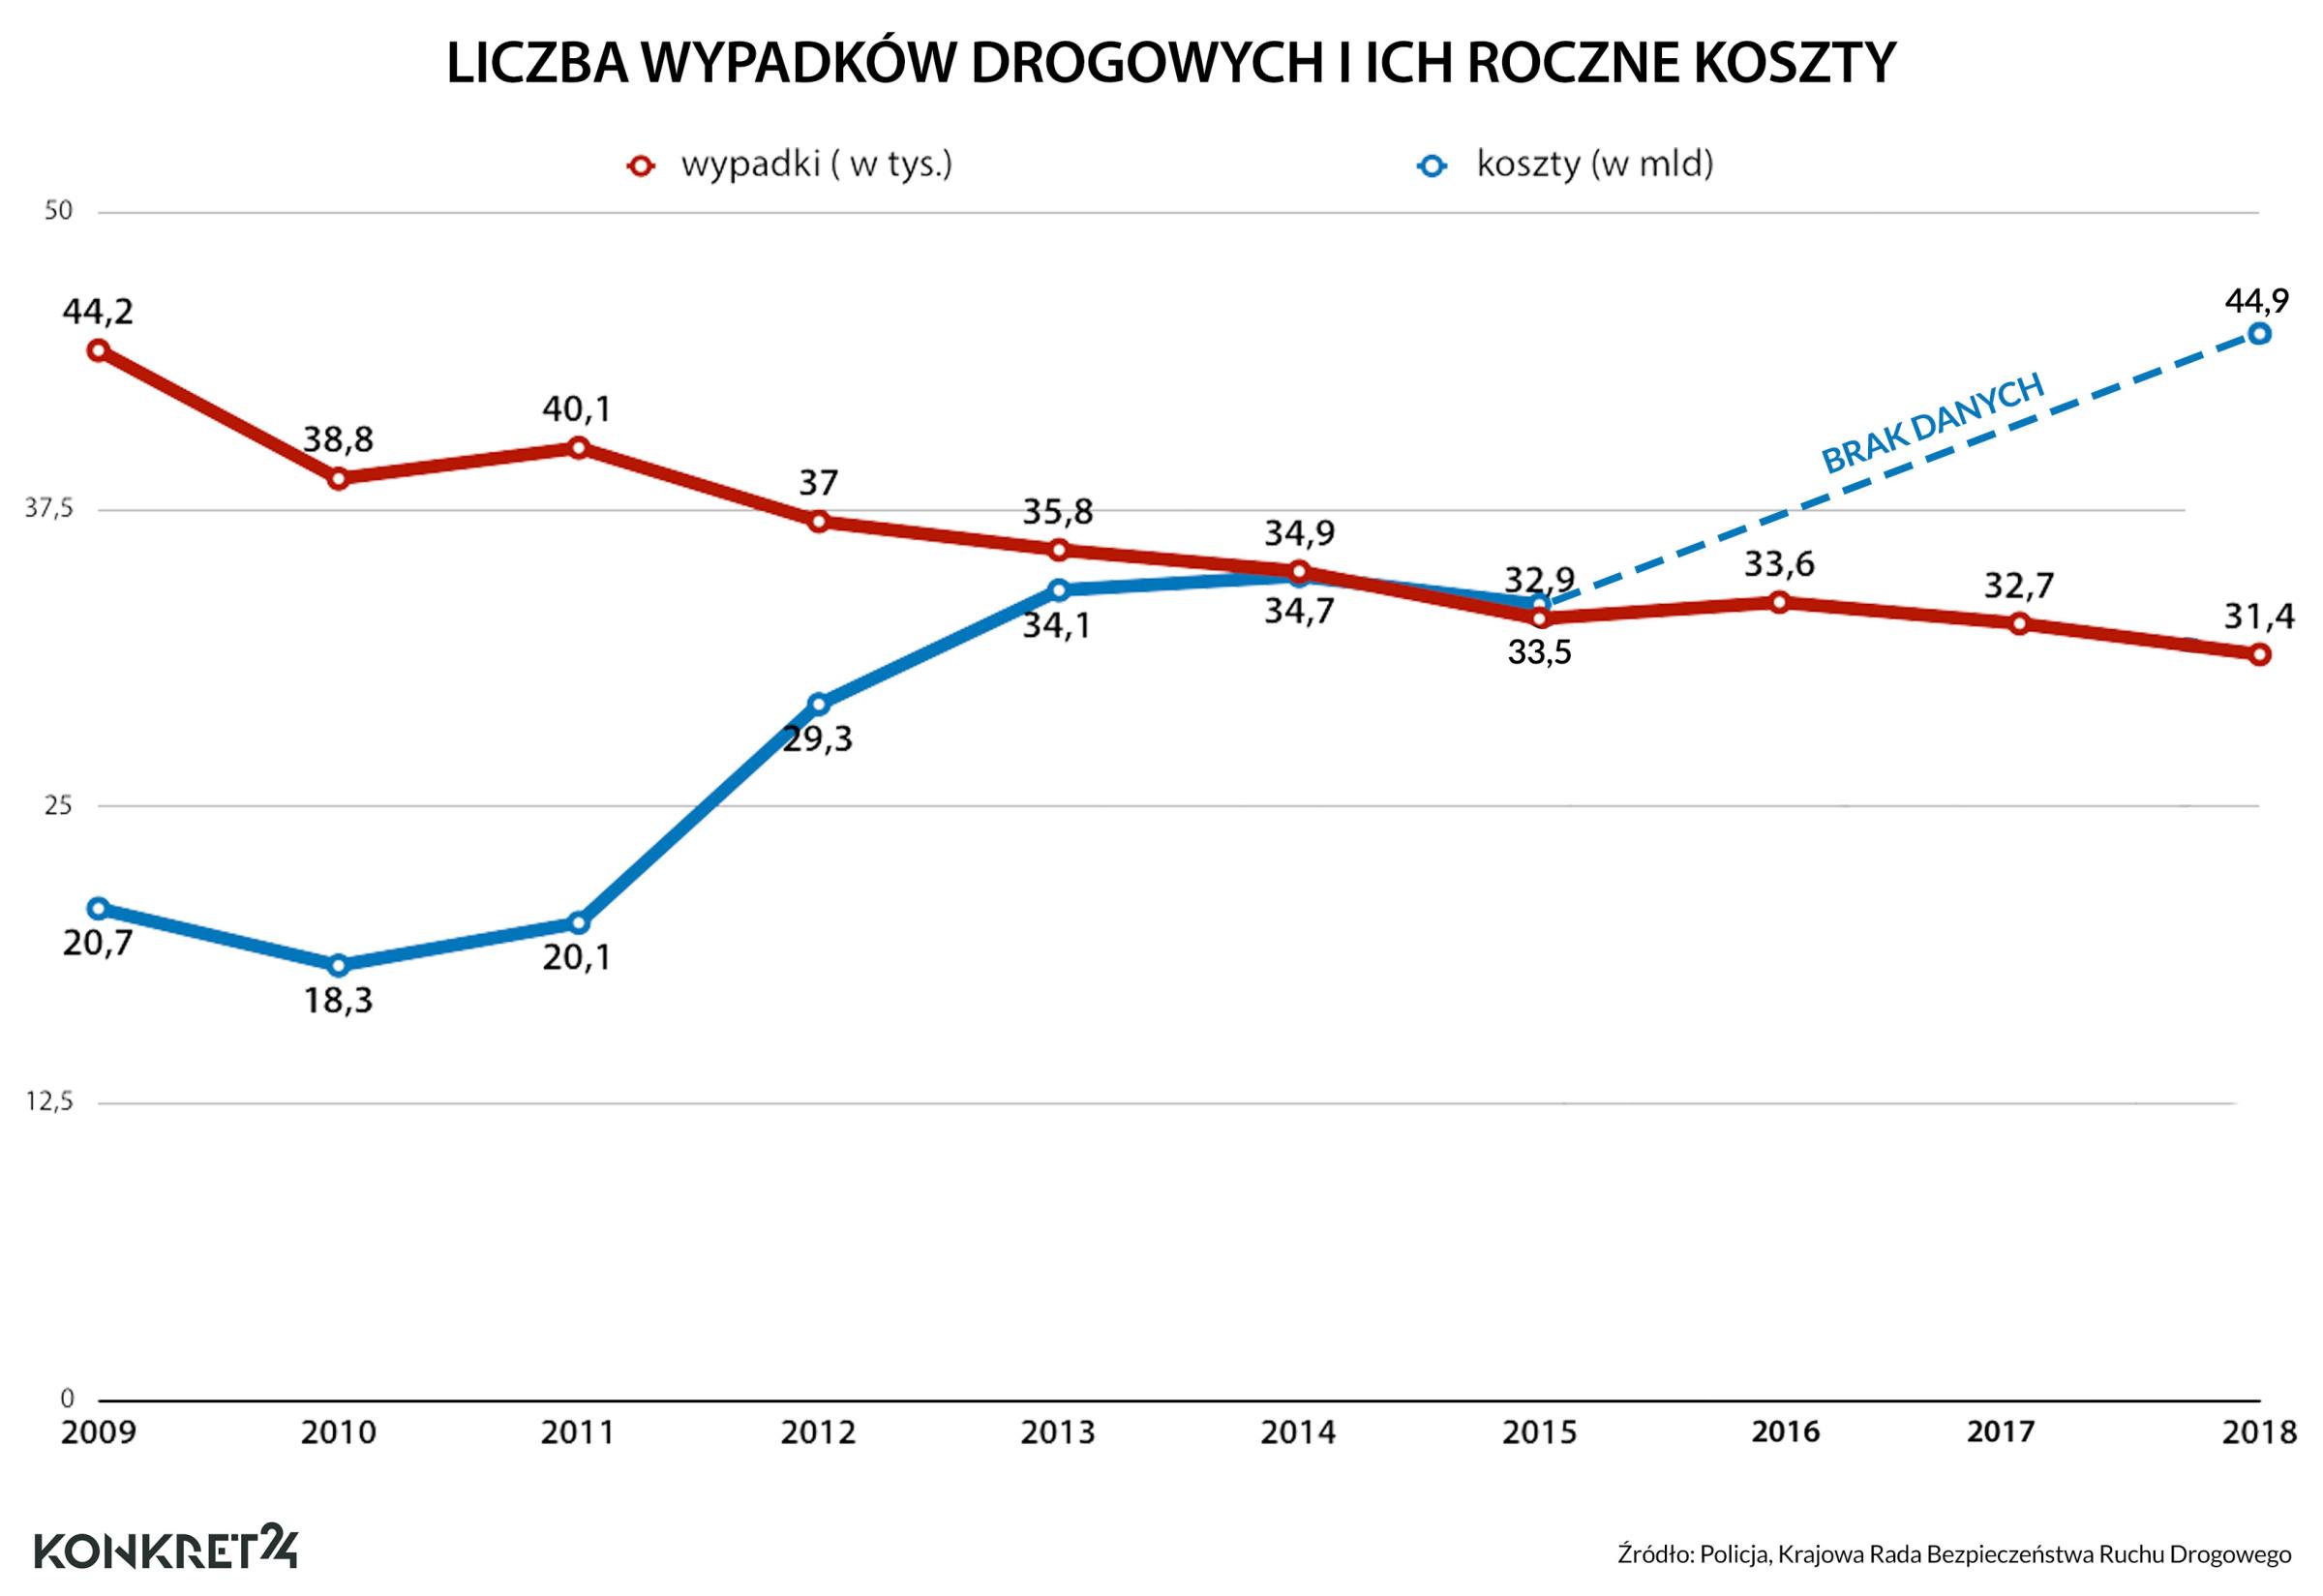 Wypadki drogowe w Polsce i ich koszty